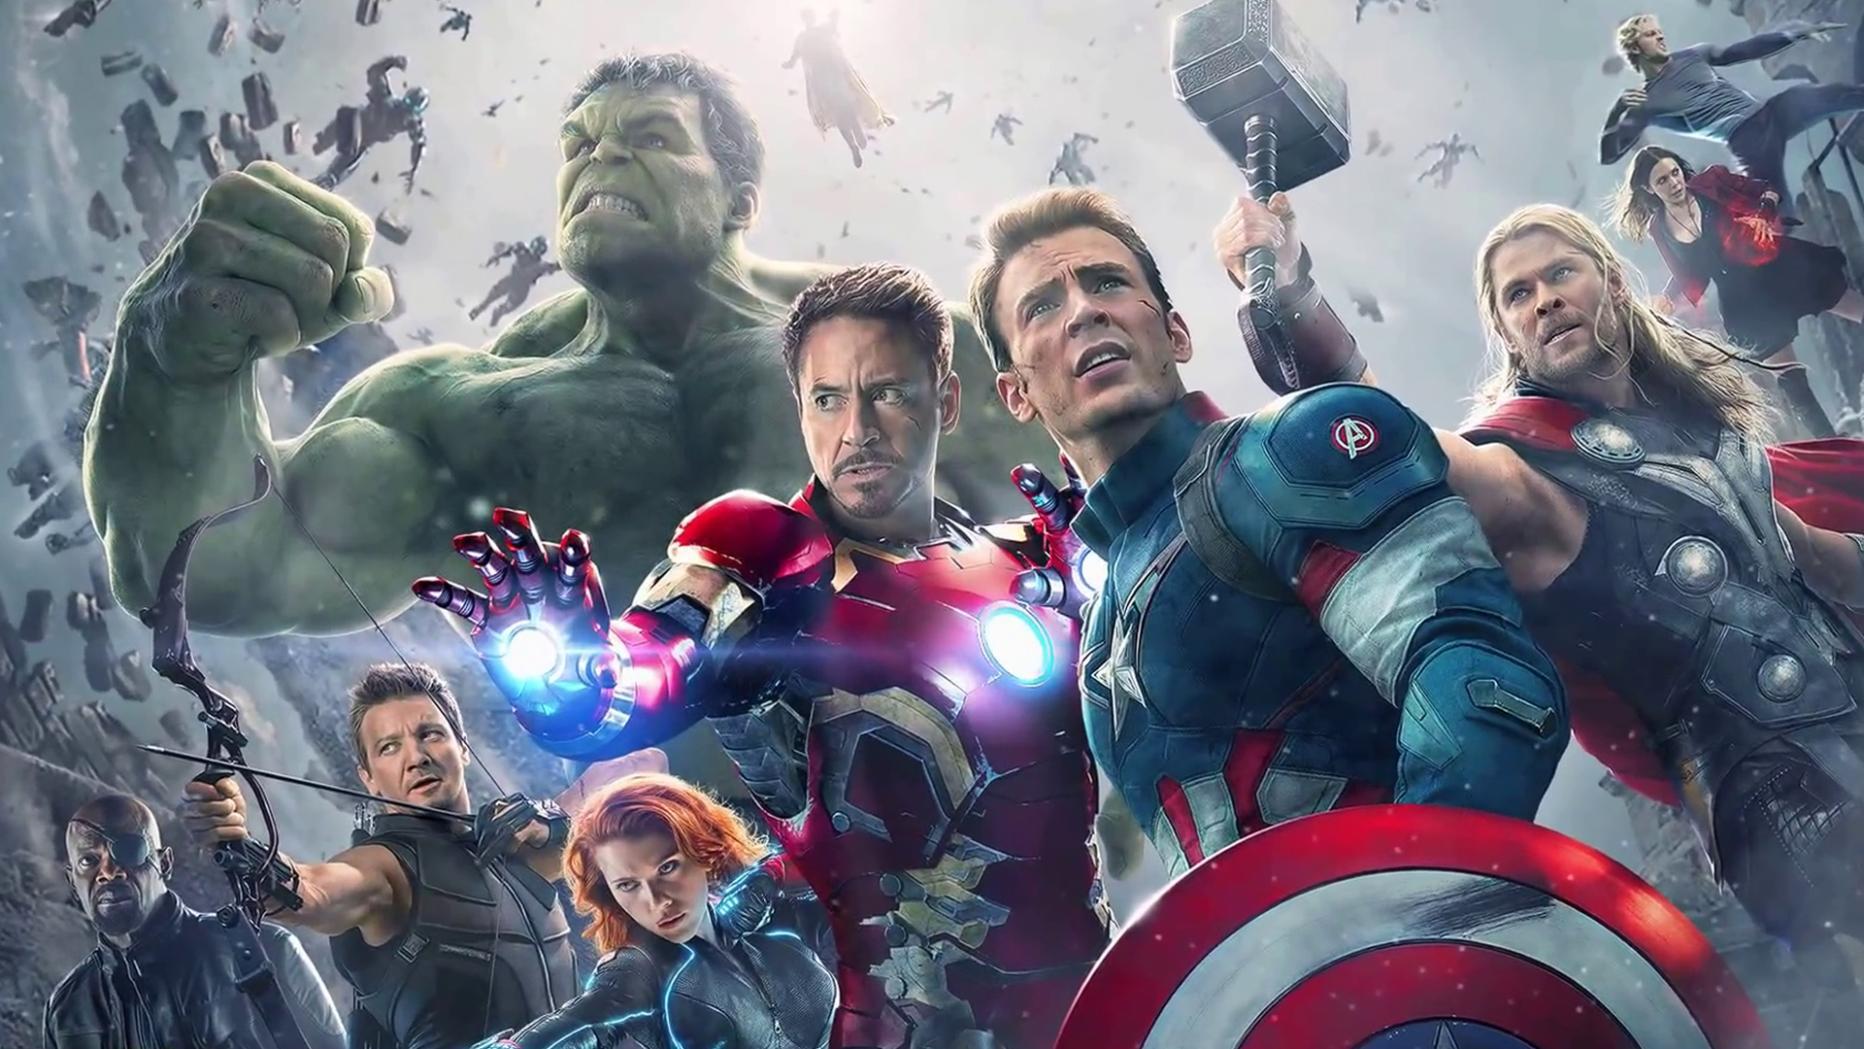 Die 20 besten Superhelden Filme auf Netflix   film.at